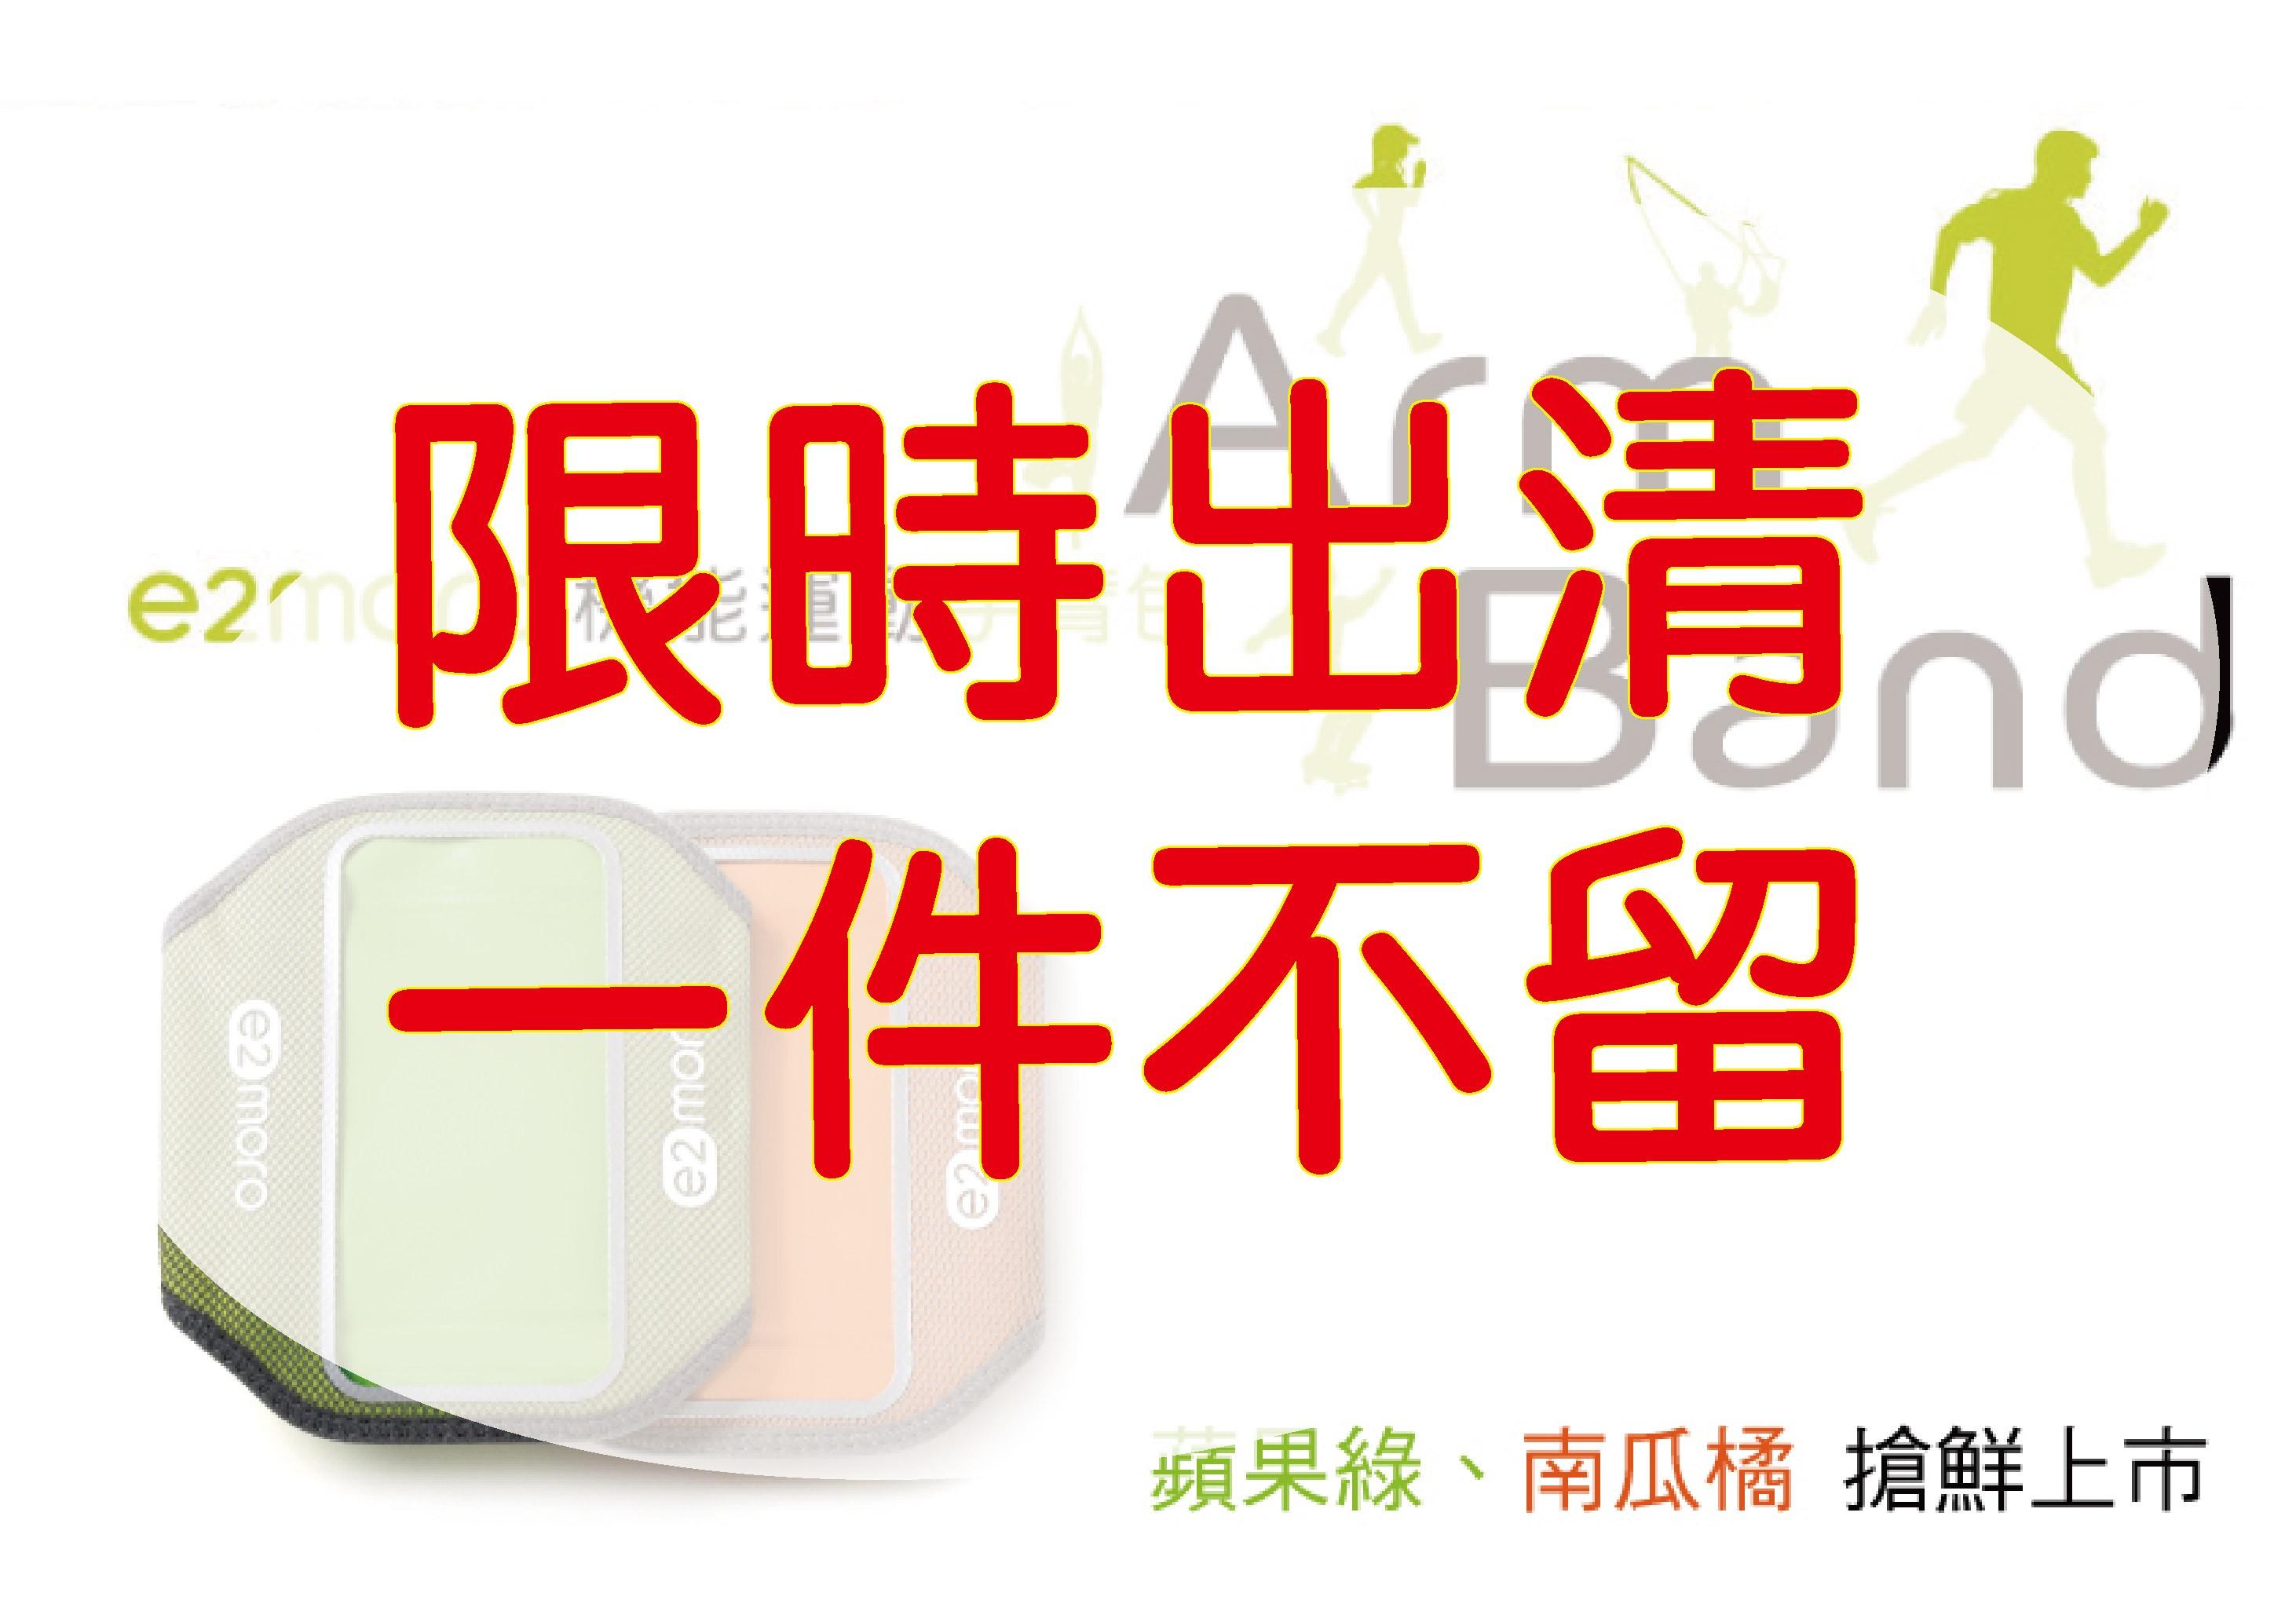 【限時出清一件不留!】(4.3吋‧iPhone 系列適用)  e2moro機能運動手臂包